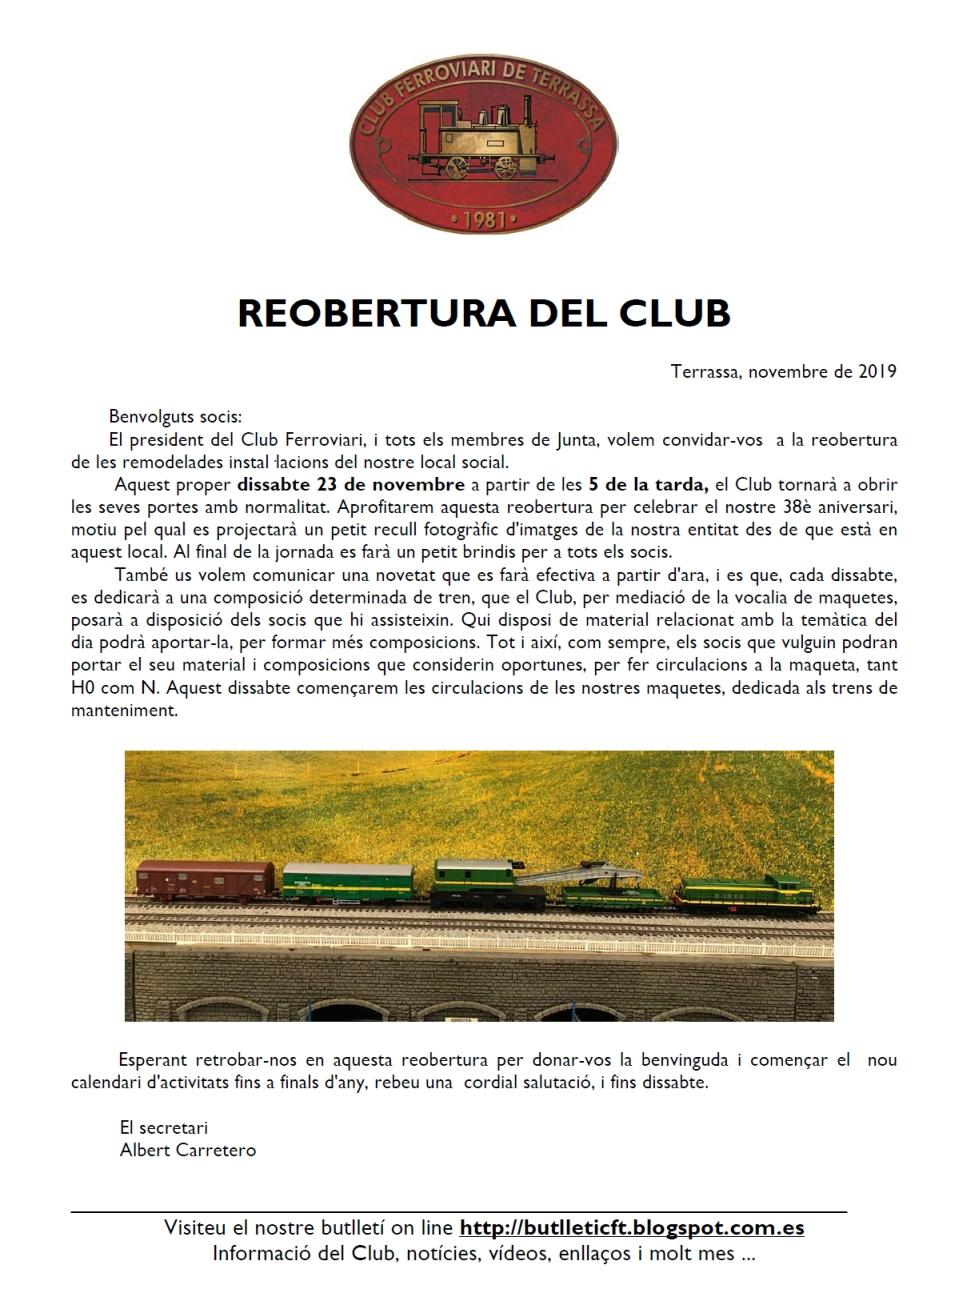 *** Recordatori: Reobertura del local del Club ferroviari de Terrassa